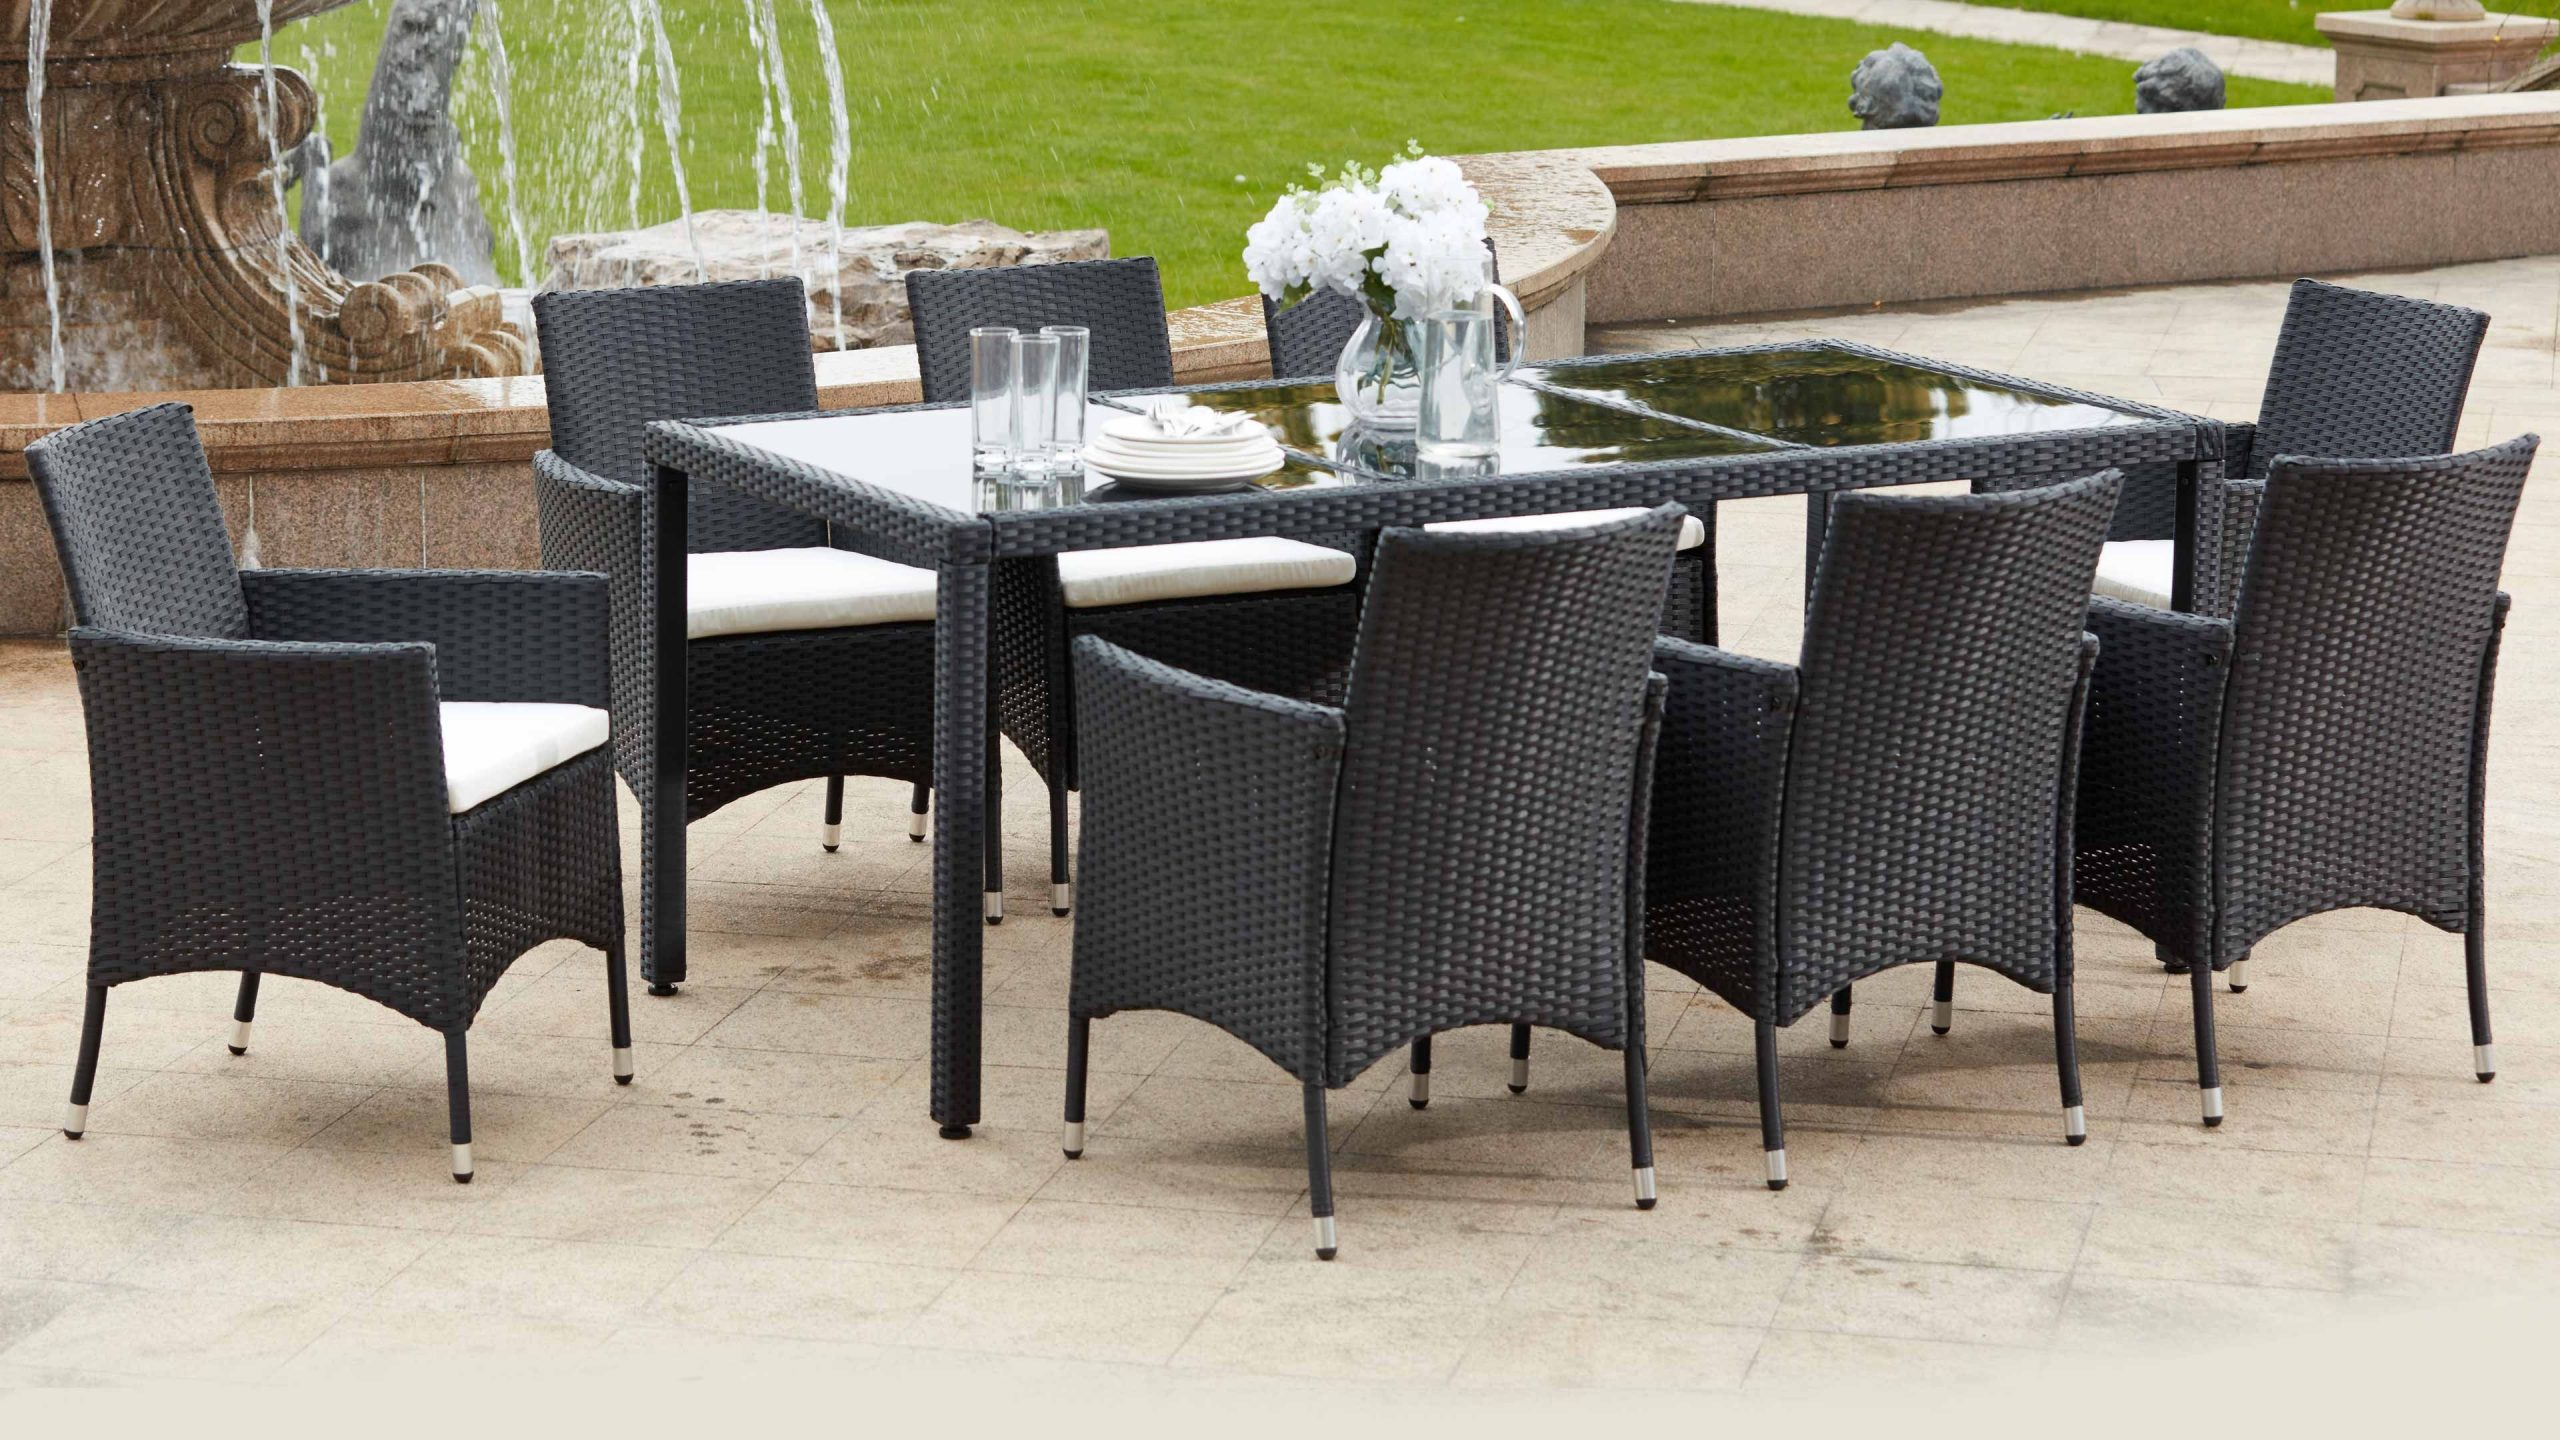 Salon De Jardin Table Résine Tressée 8 Fauteuils destiné Ensemble Table Et Chaise De Jardin En Resine Pas Cher